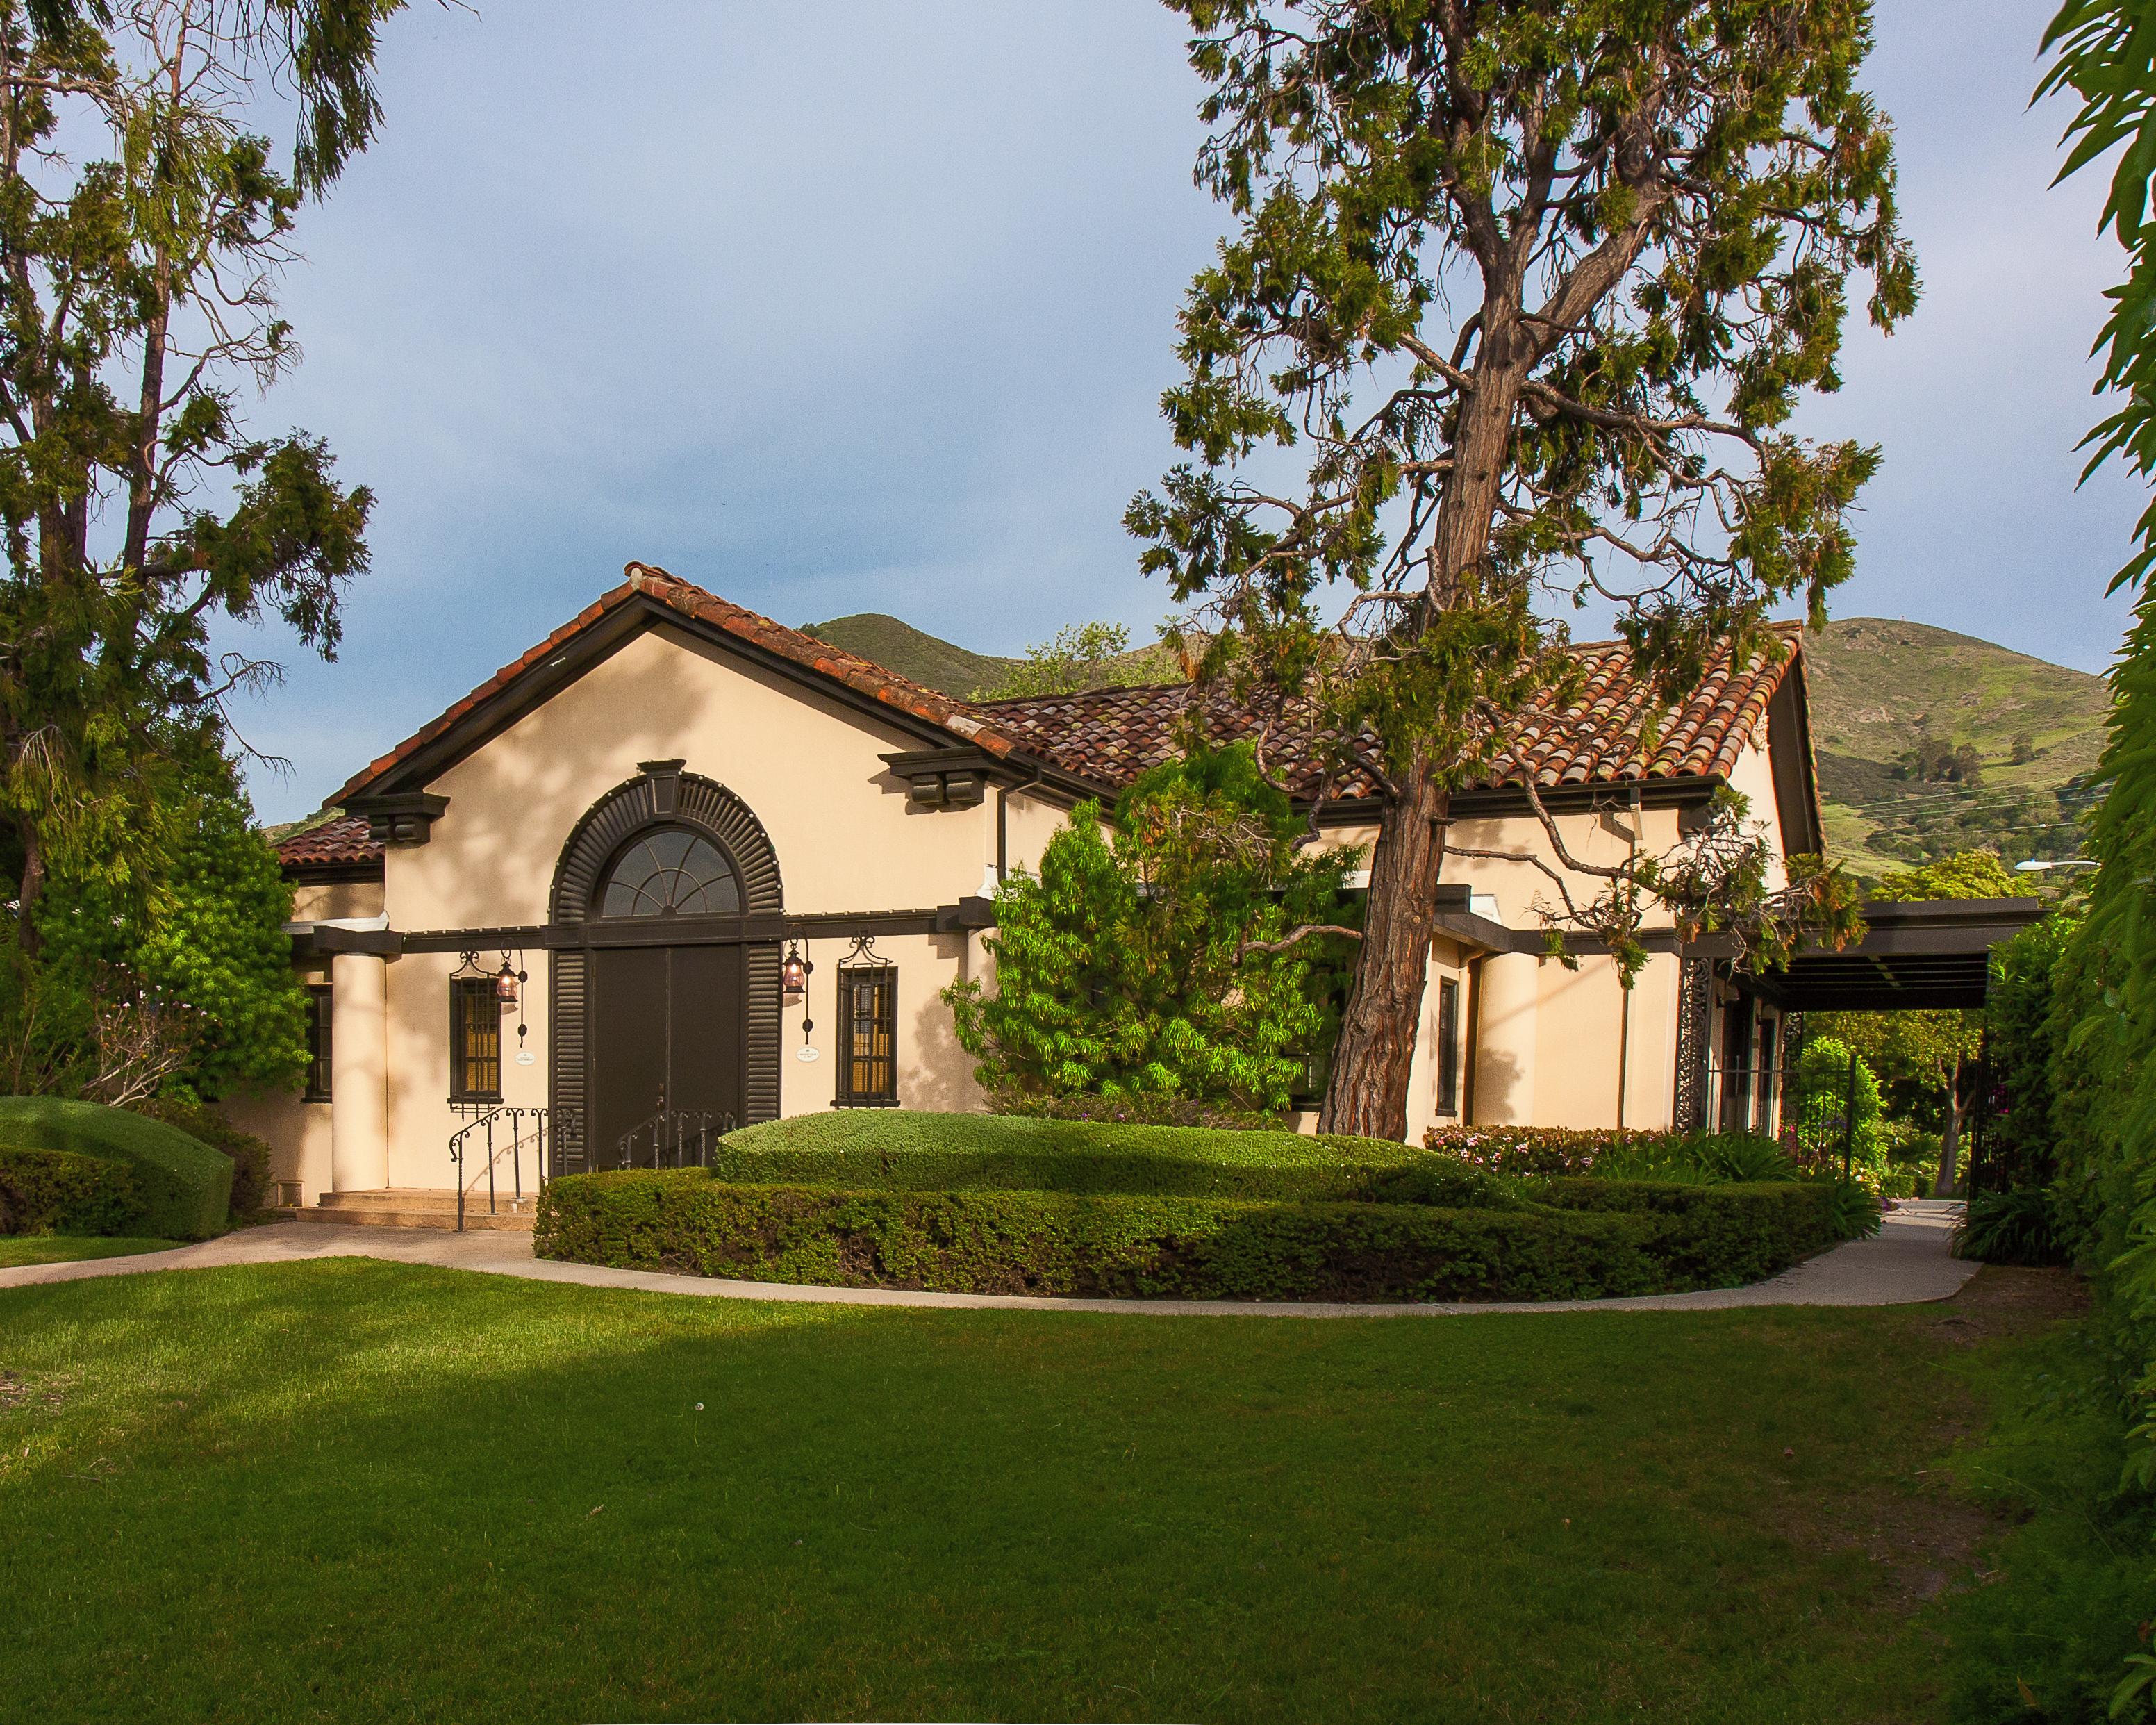 Monday Club San Luis Obispo Architectural Tour